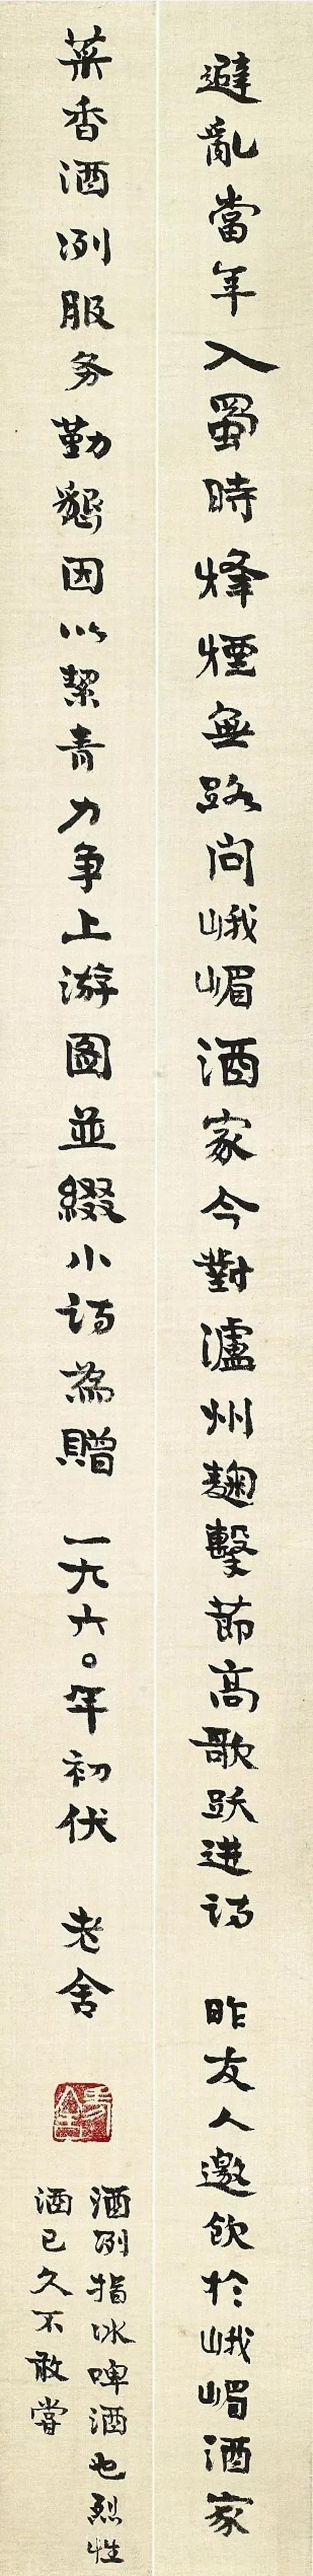 老舍《贈友人句立軸》紙本 (現藏于臺灣何創時書法藝術基金會)